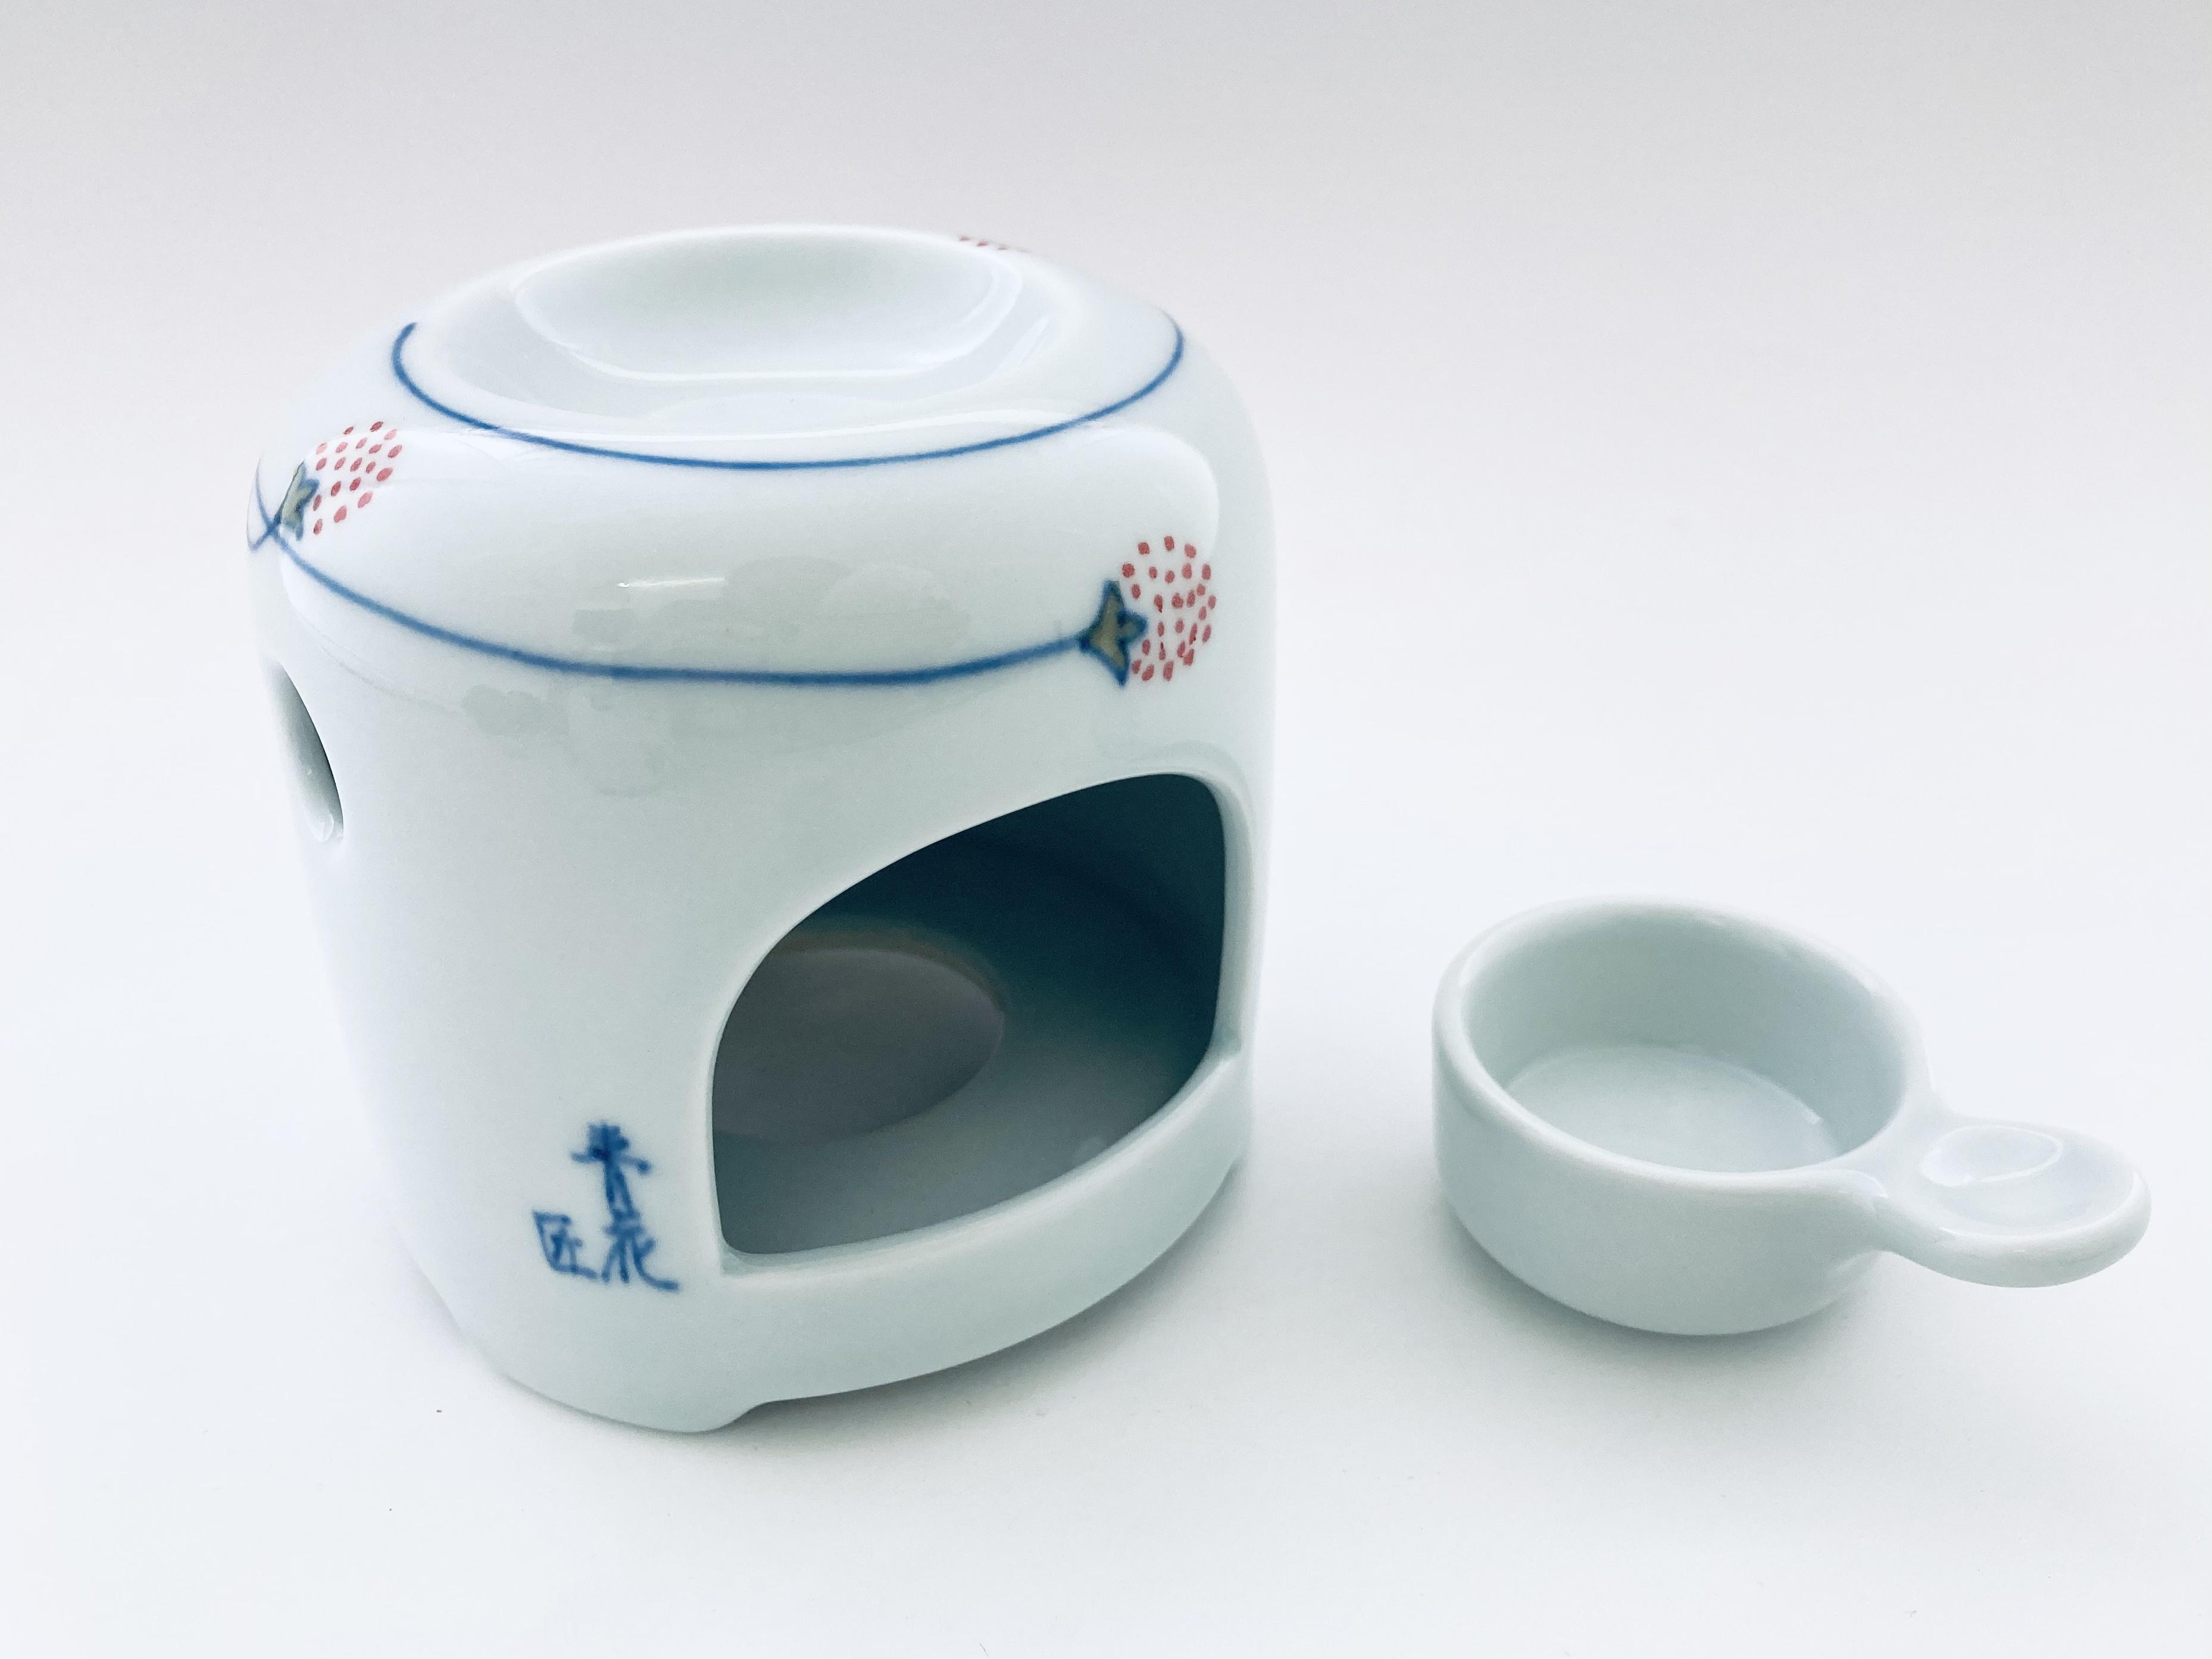 つるいちご茶香炉 しん窯青花匠 限定商品